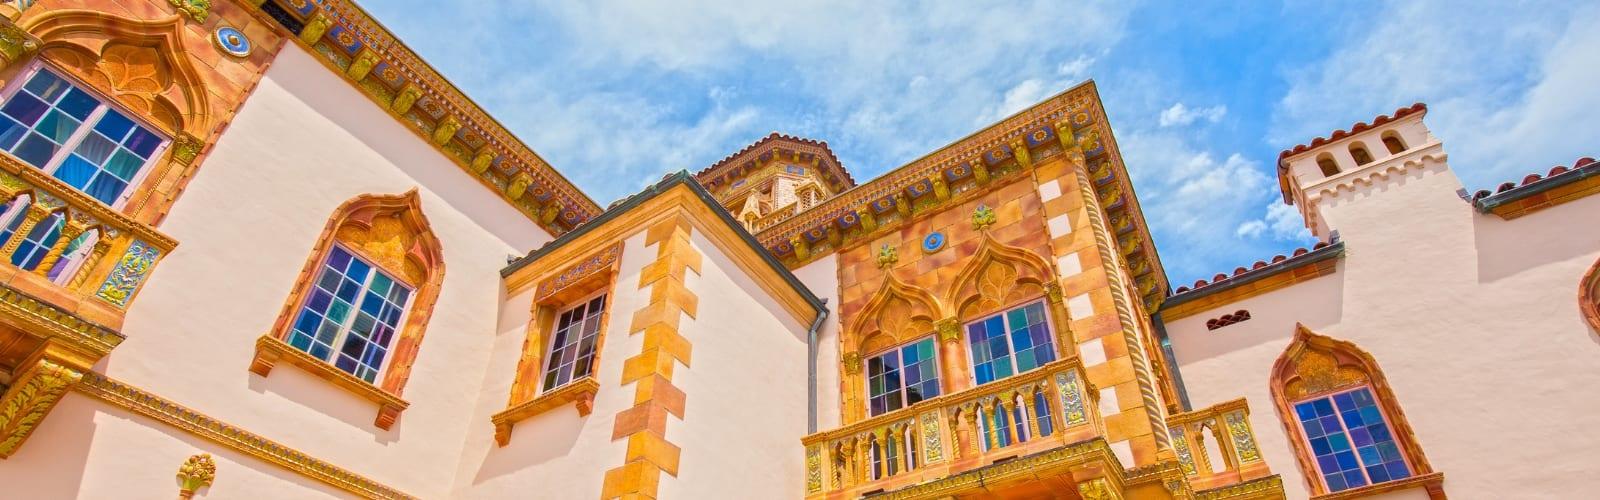 Architecture in Sarasota